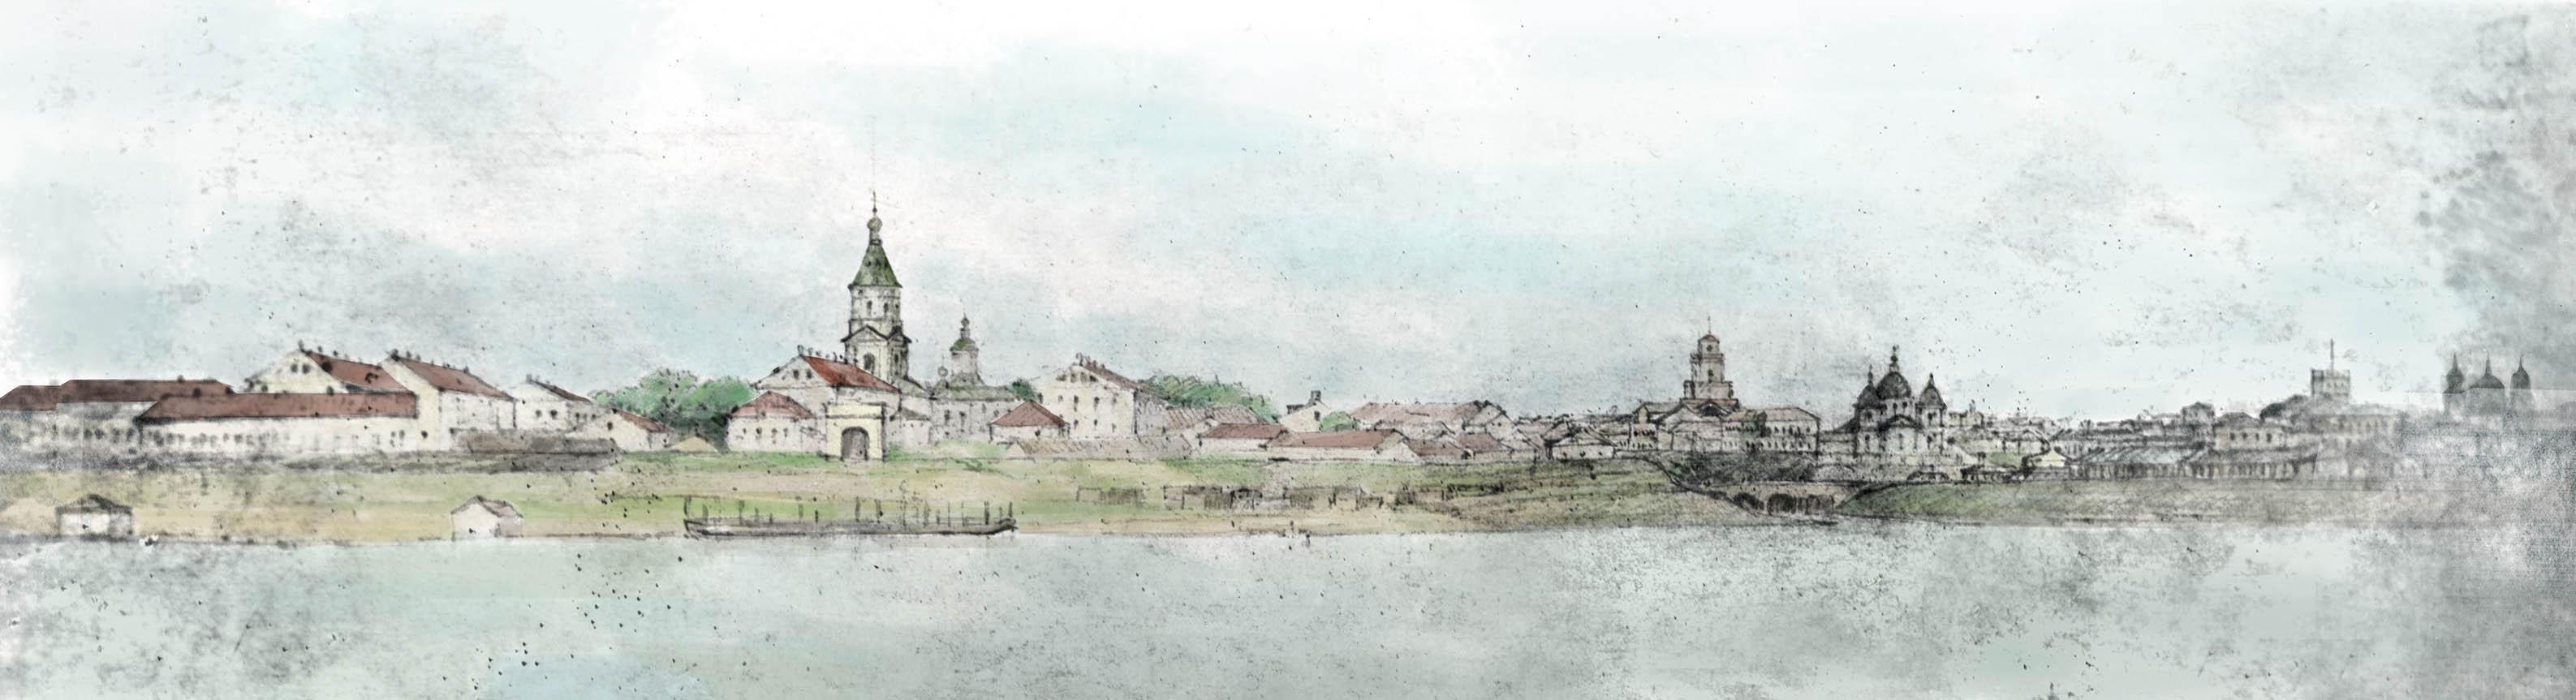 картинки рисунок омская крепость бракосочетание вызывает схожие